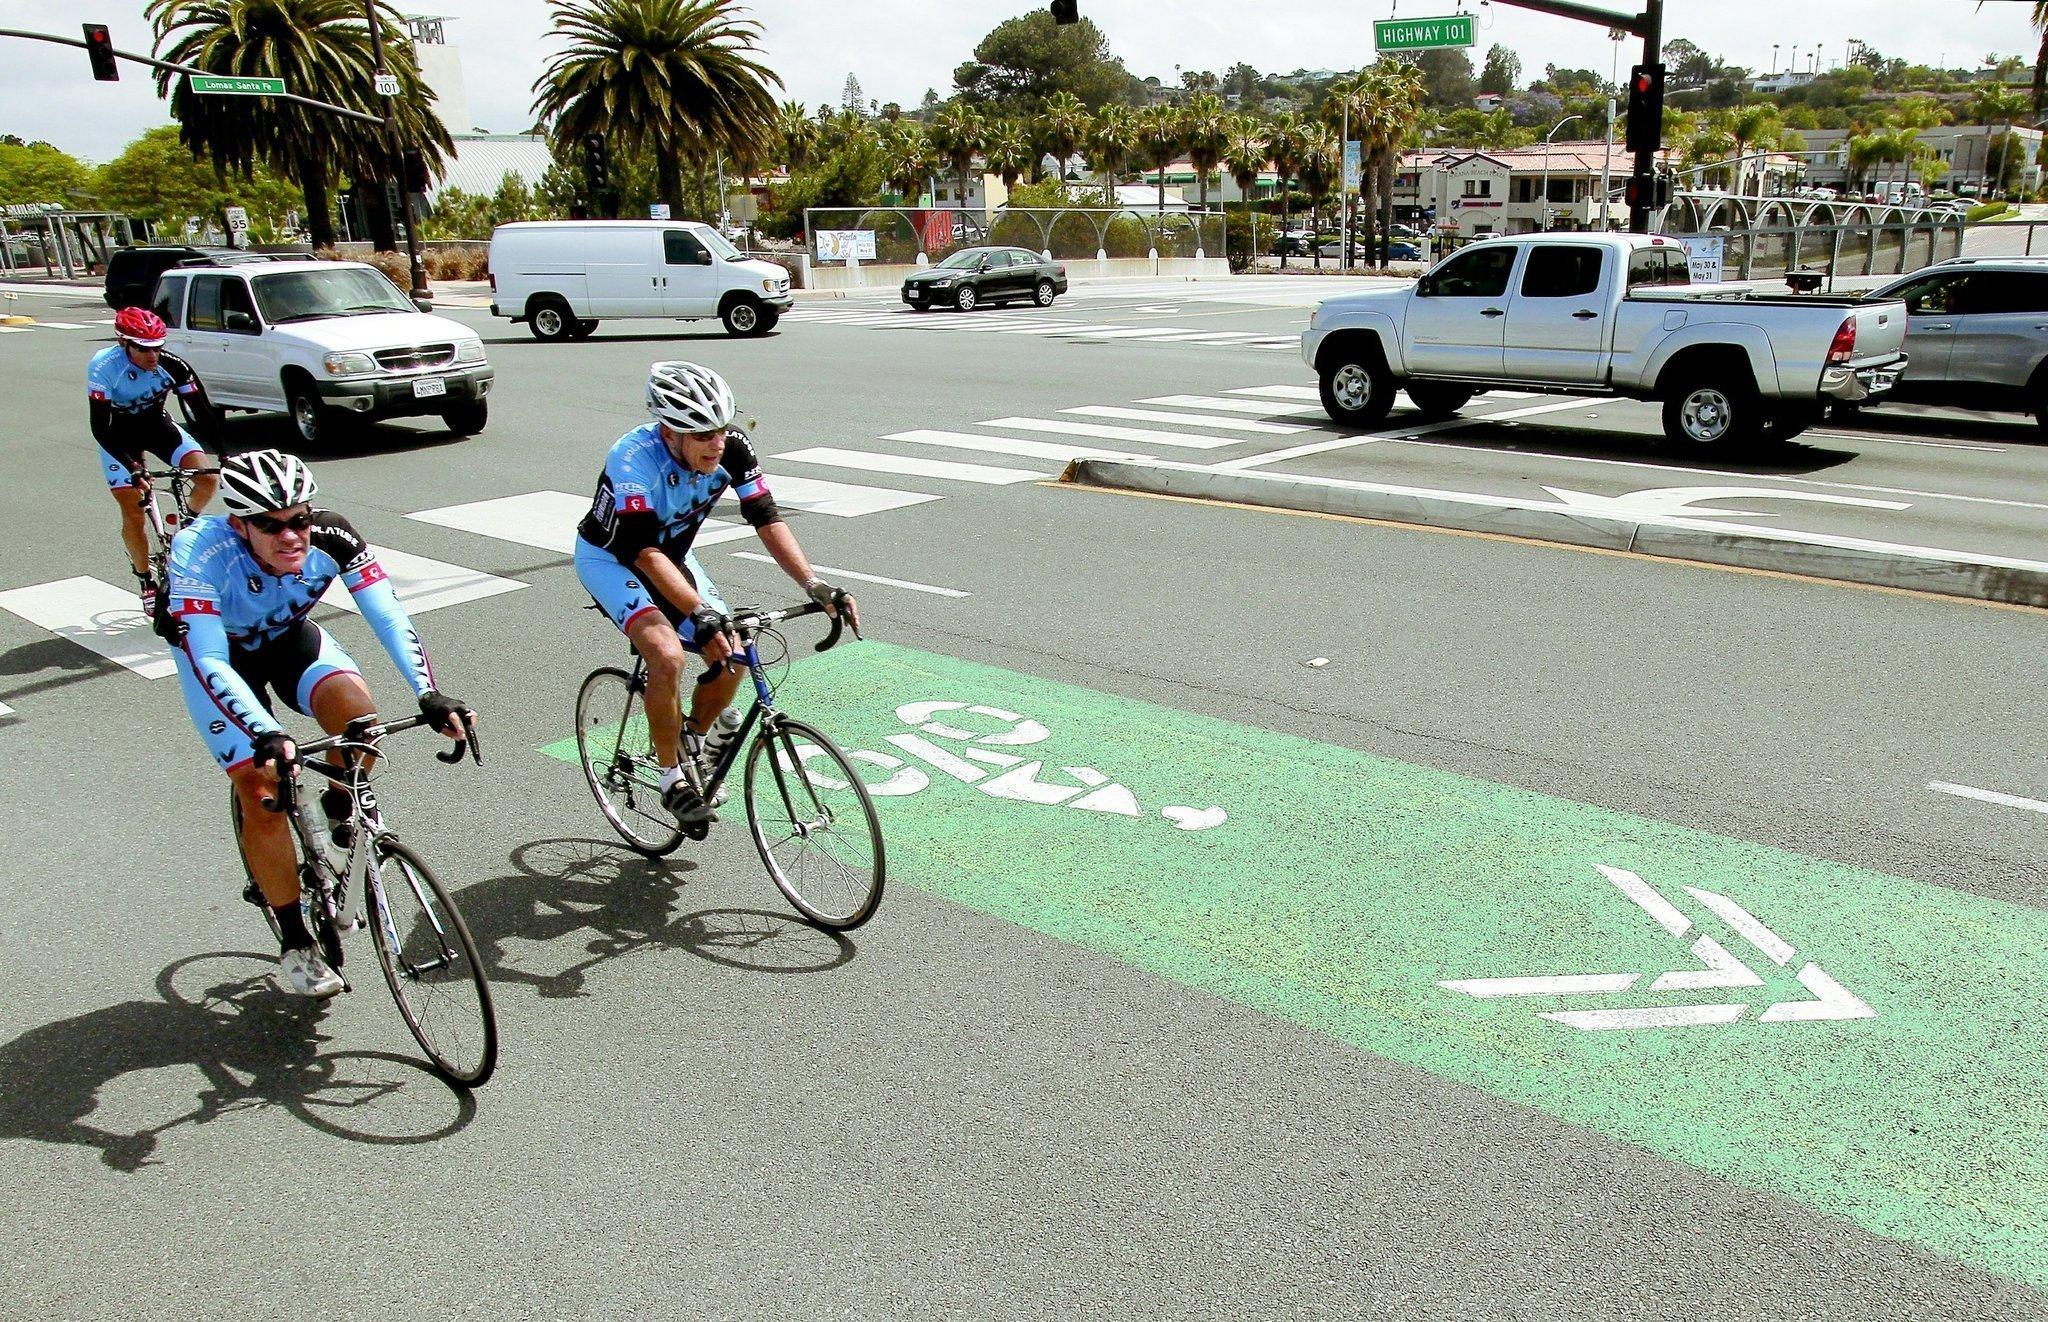 Más carriles para compartir - The San Diego Union-Tribune